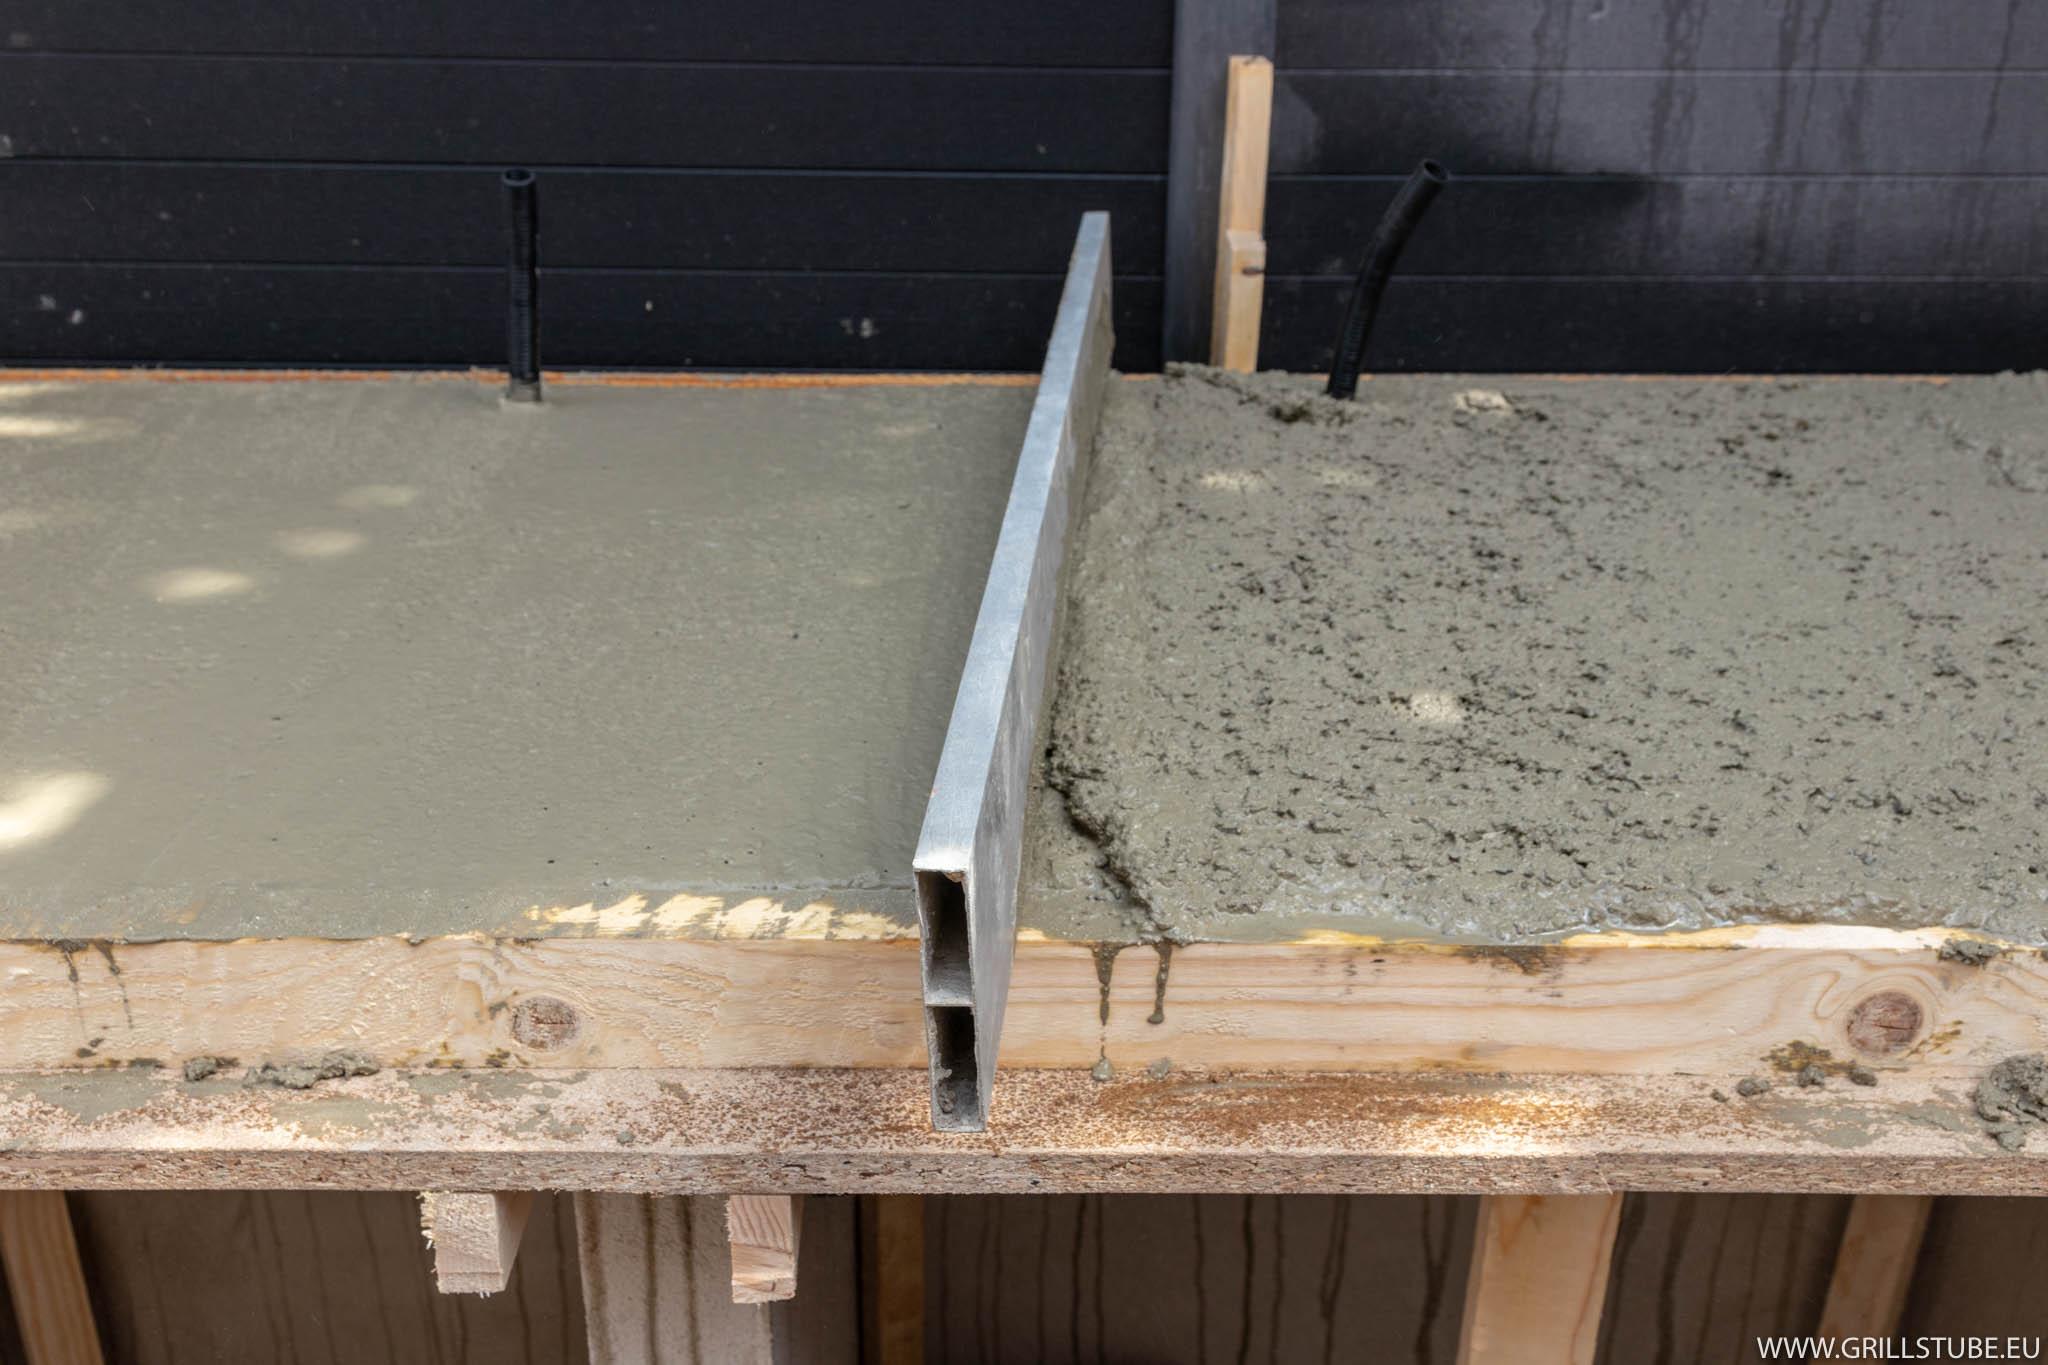 Outdoorküche Arbeitsplatte Test : Outdoorküche: betonieren der arbeitsplatte andys grillstube 2.0